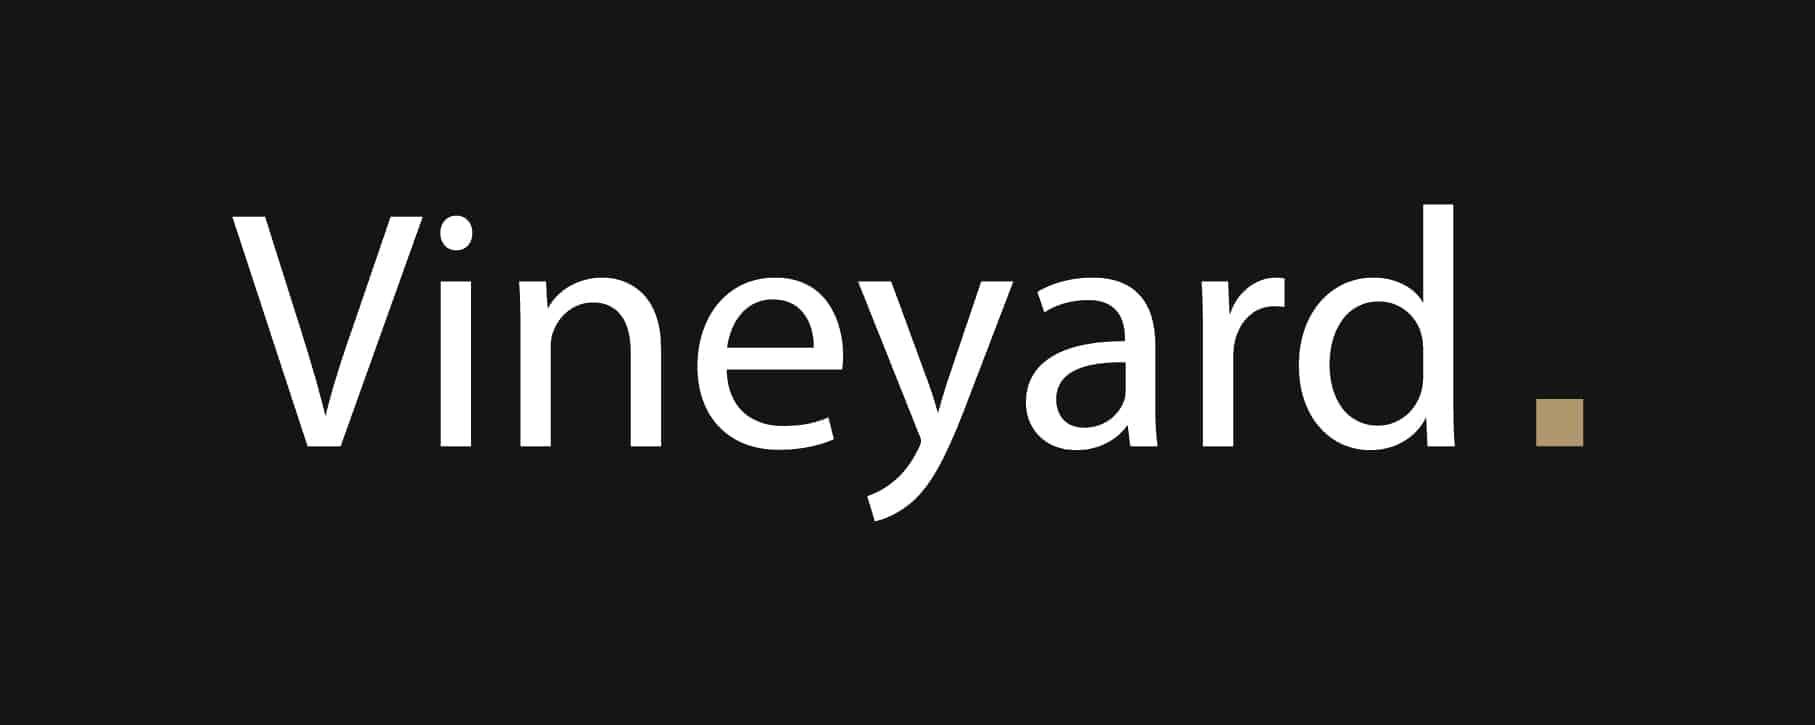 Logo Vineyard Company